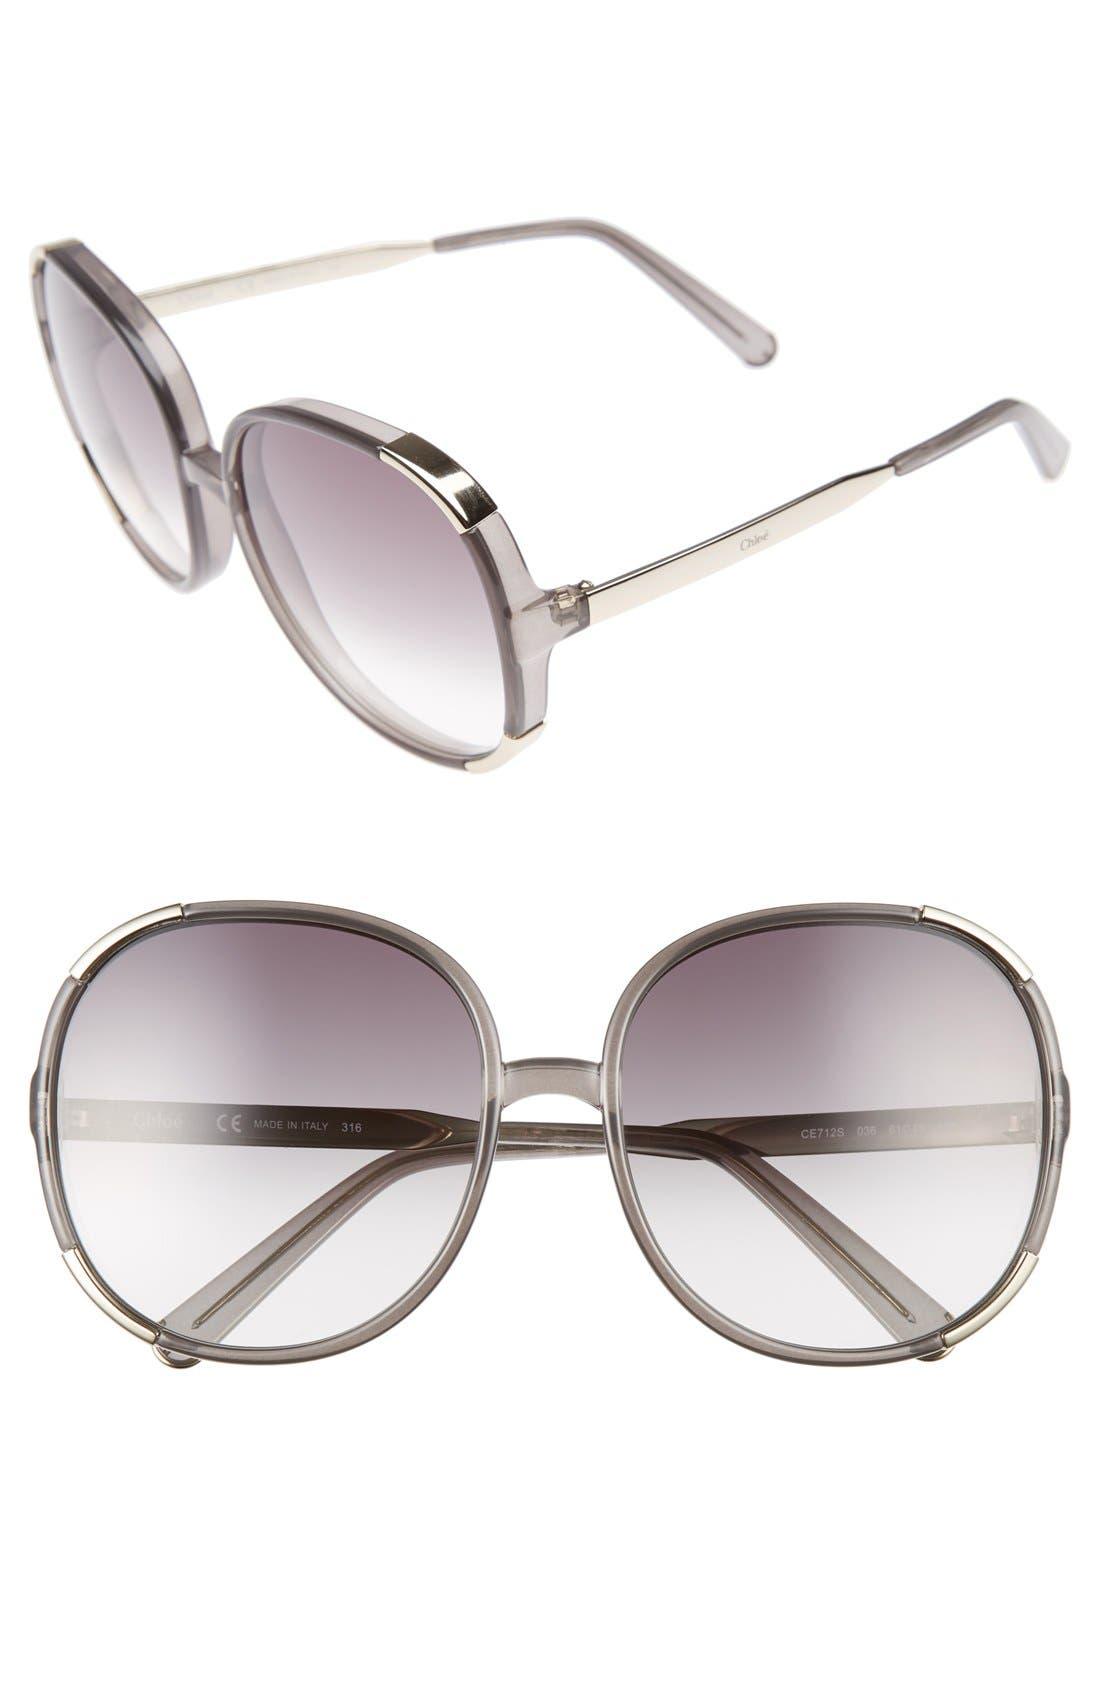 CHLOÉ, Myrte 61mm Sunglasses, Main thumbnail 1, color, 036